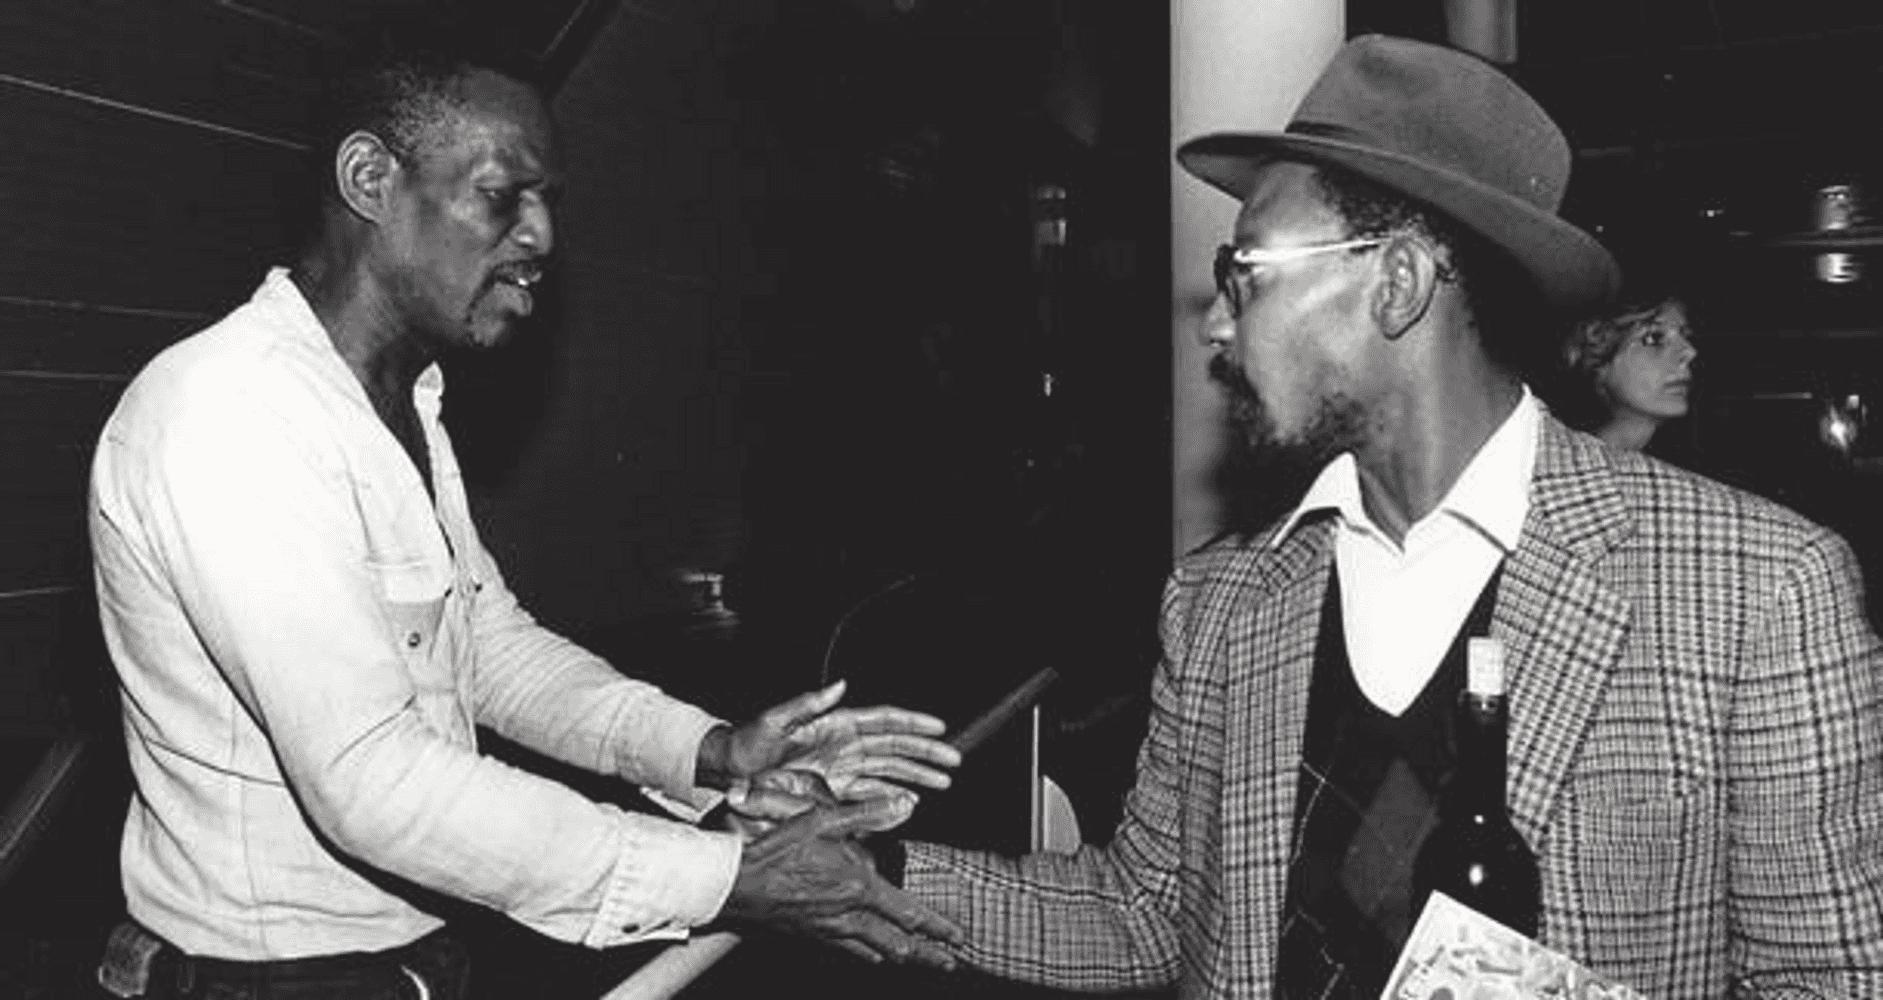 Gylan Kain & Linton Kwesi Johnson